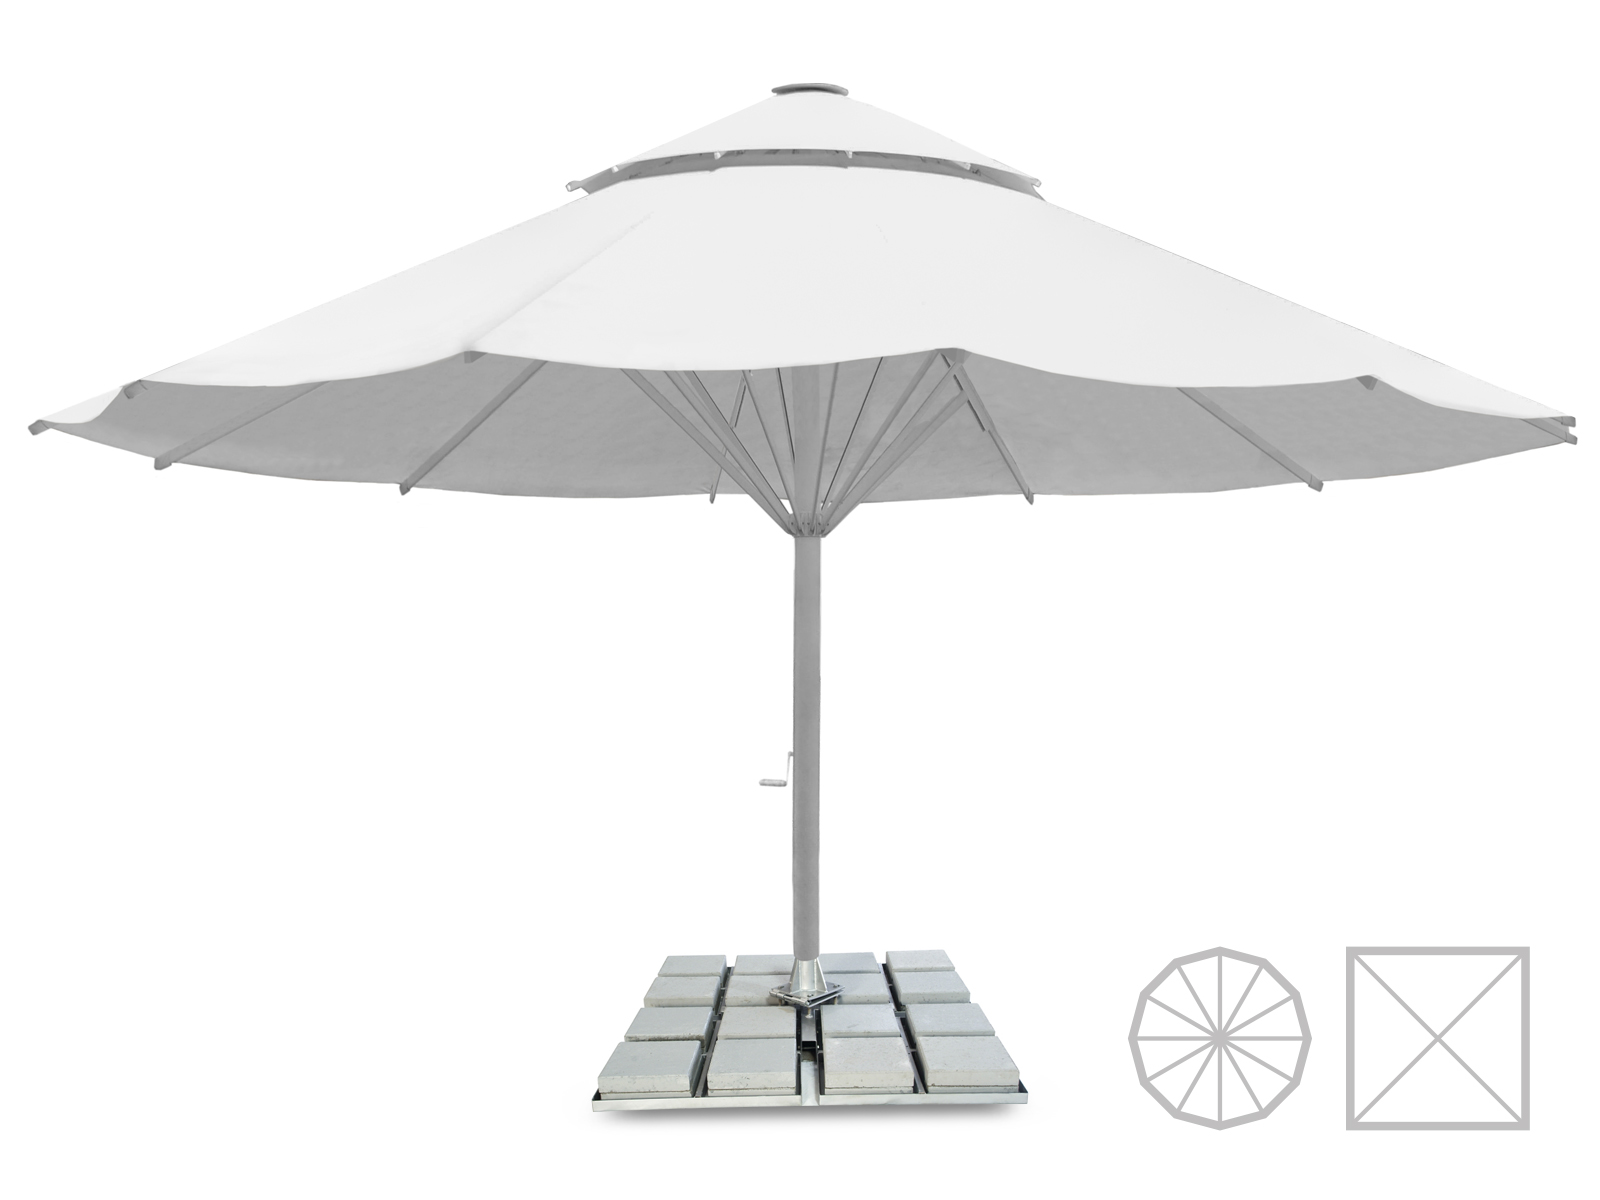 parasol publicitaire large choix de parasol publicitaire expoz. Black Bedroom Furniture Sets. Home Design Ideas